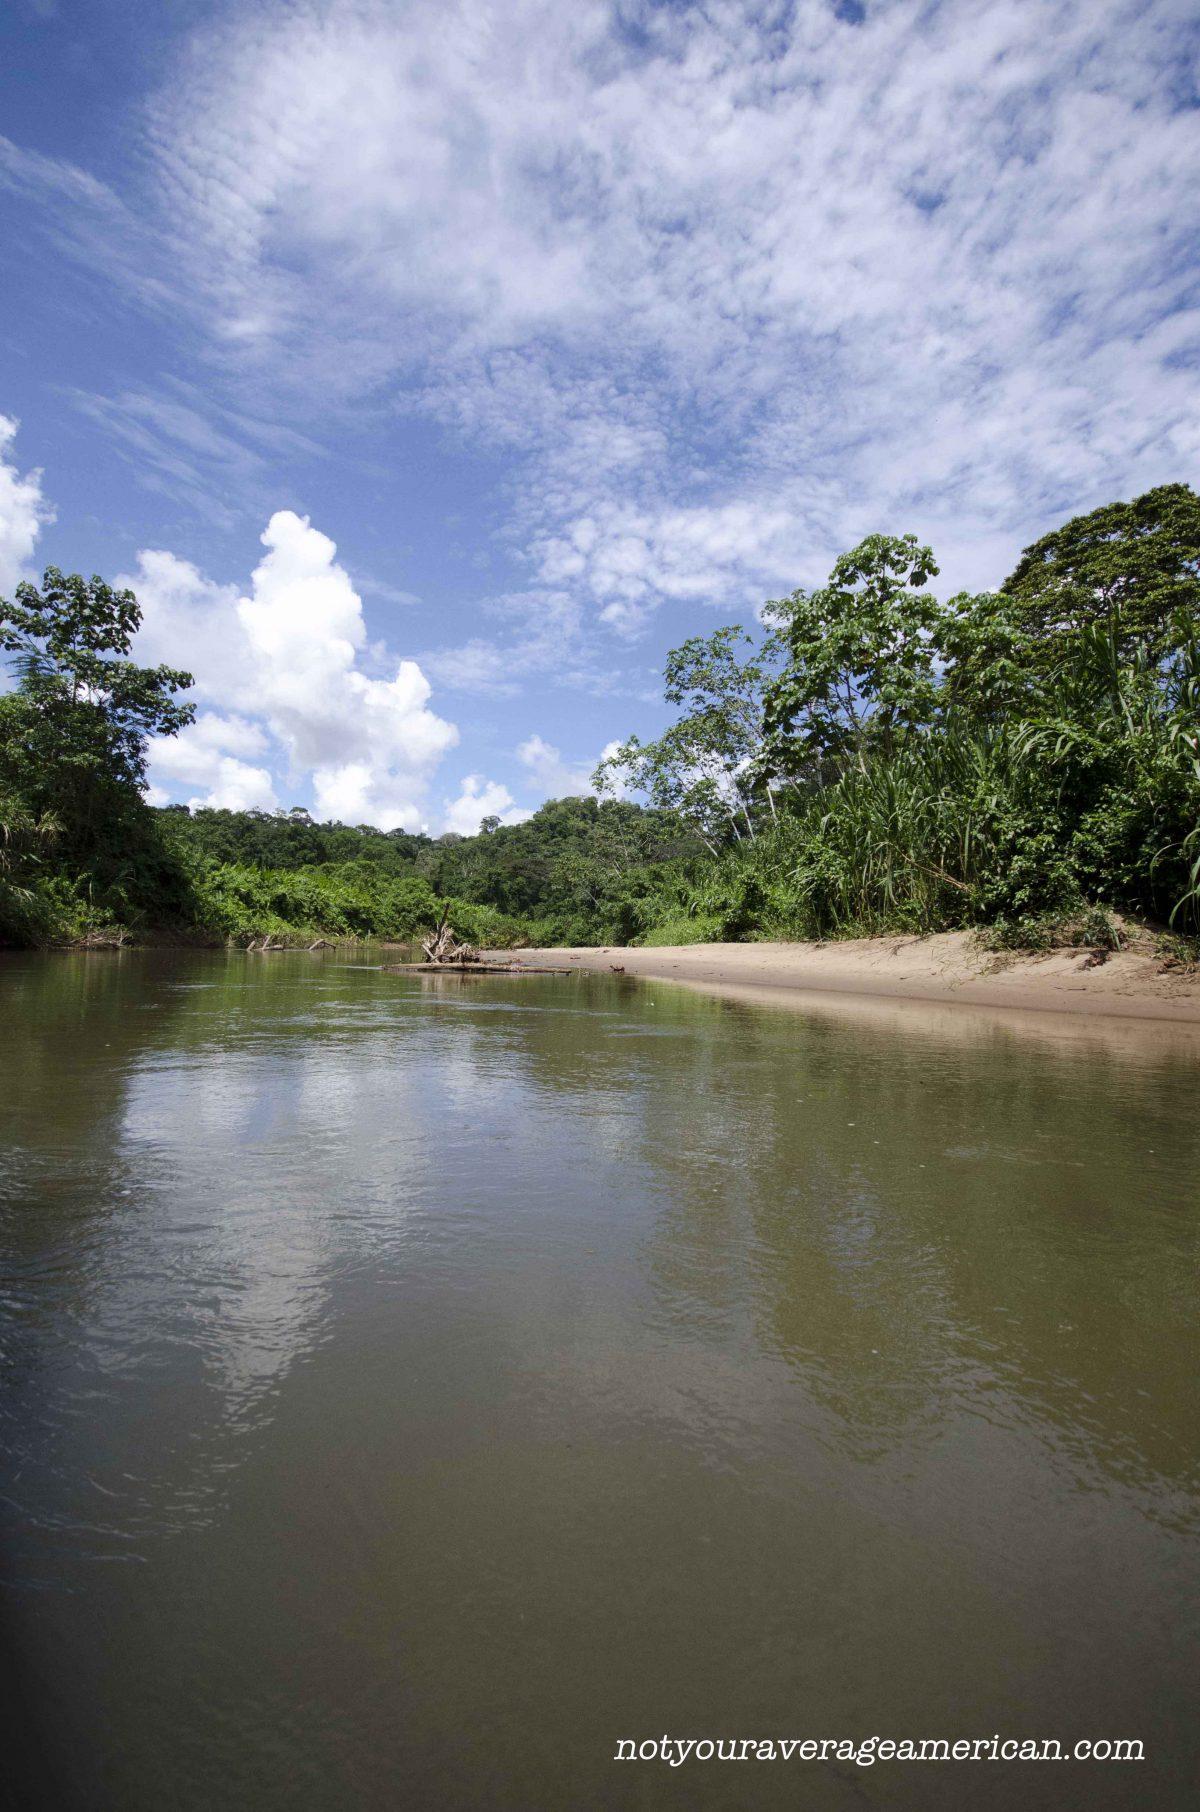 The river that runs through Huaroani Territory is the Rio Shirpuno, Huaorani Lodge